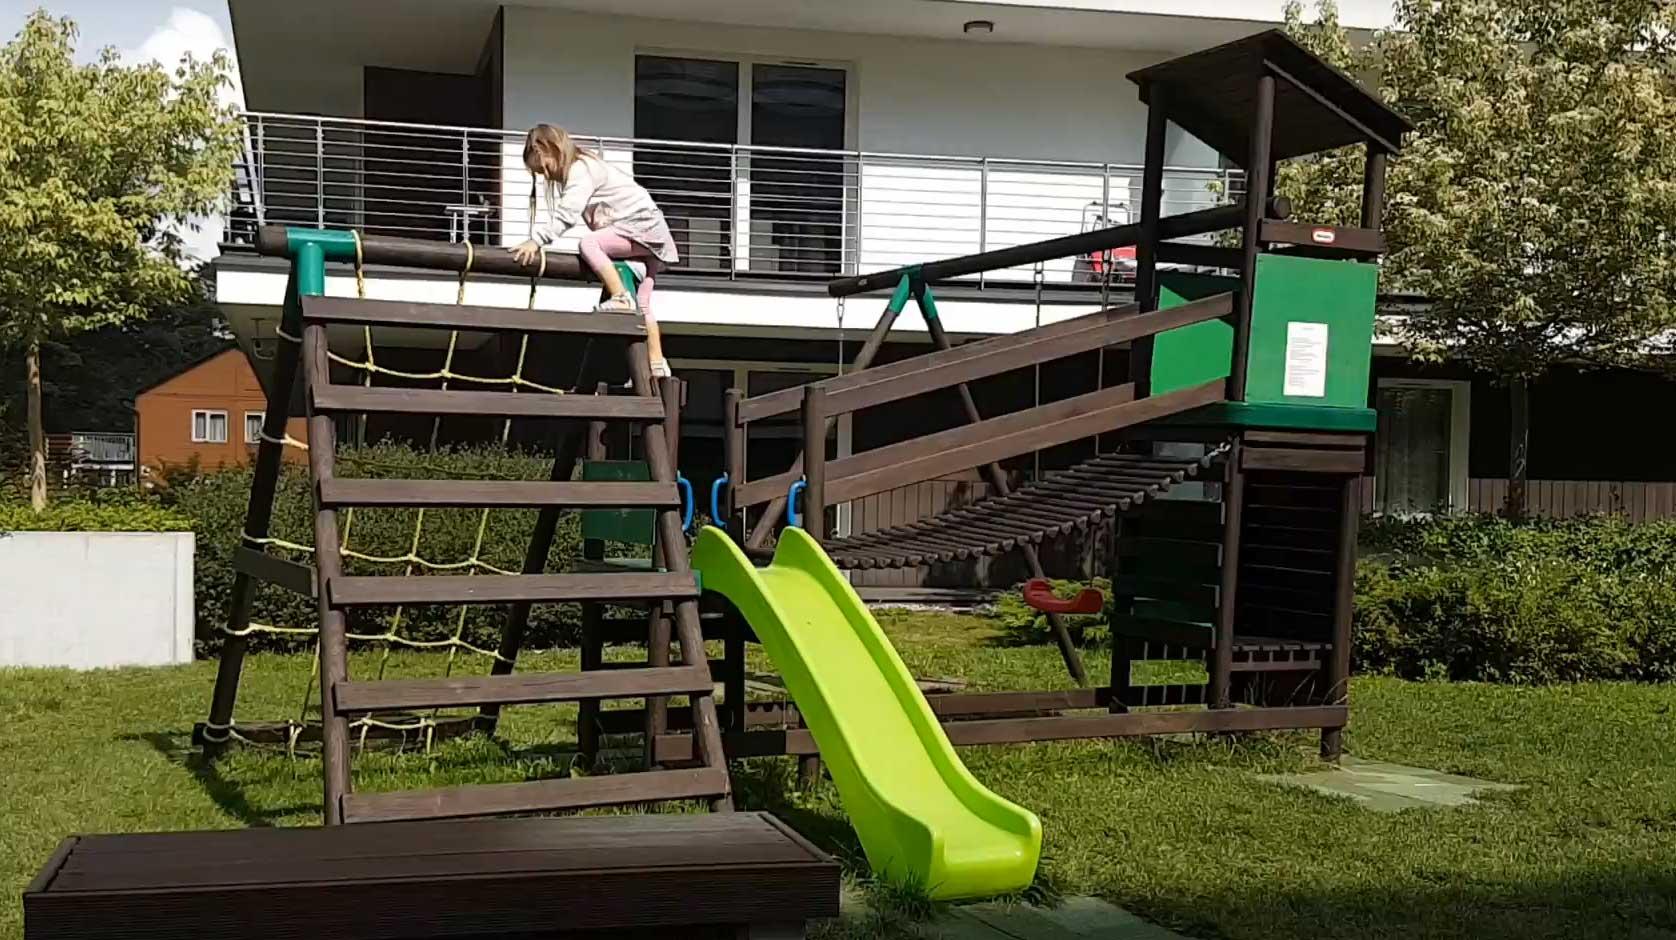 Full Size of Schaukel Garten Erwachsene Spielturm Test 2020 Vergleich Der Besten Spieltrme Mastleuchten Sitzbank Pavillon Spielhäuser Spielhaus Holz Schaukelstuhl Wohnzimmer Schaukel Garten Erwachsene